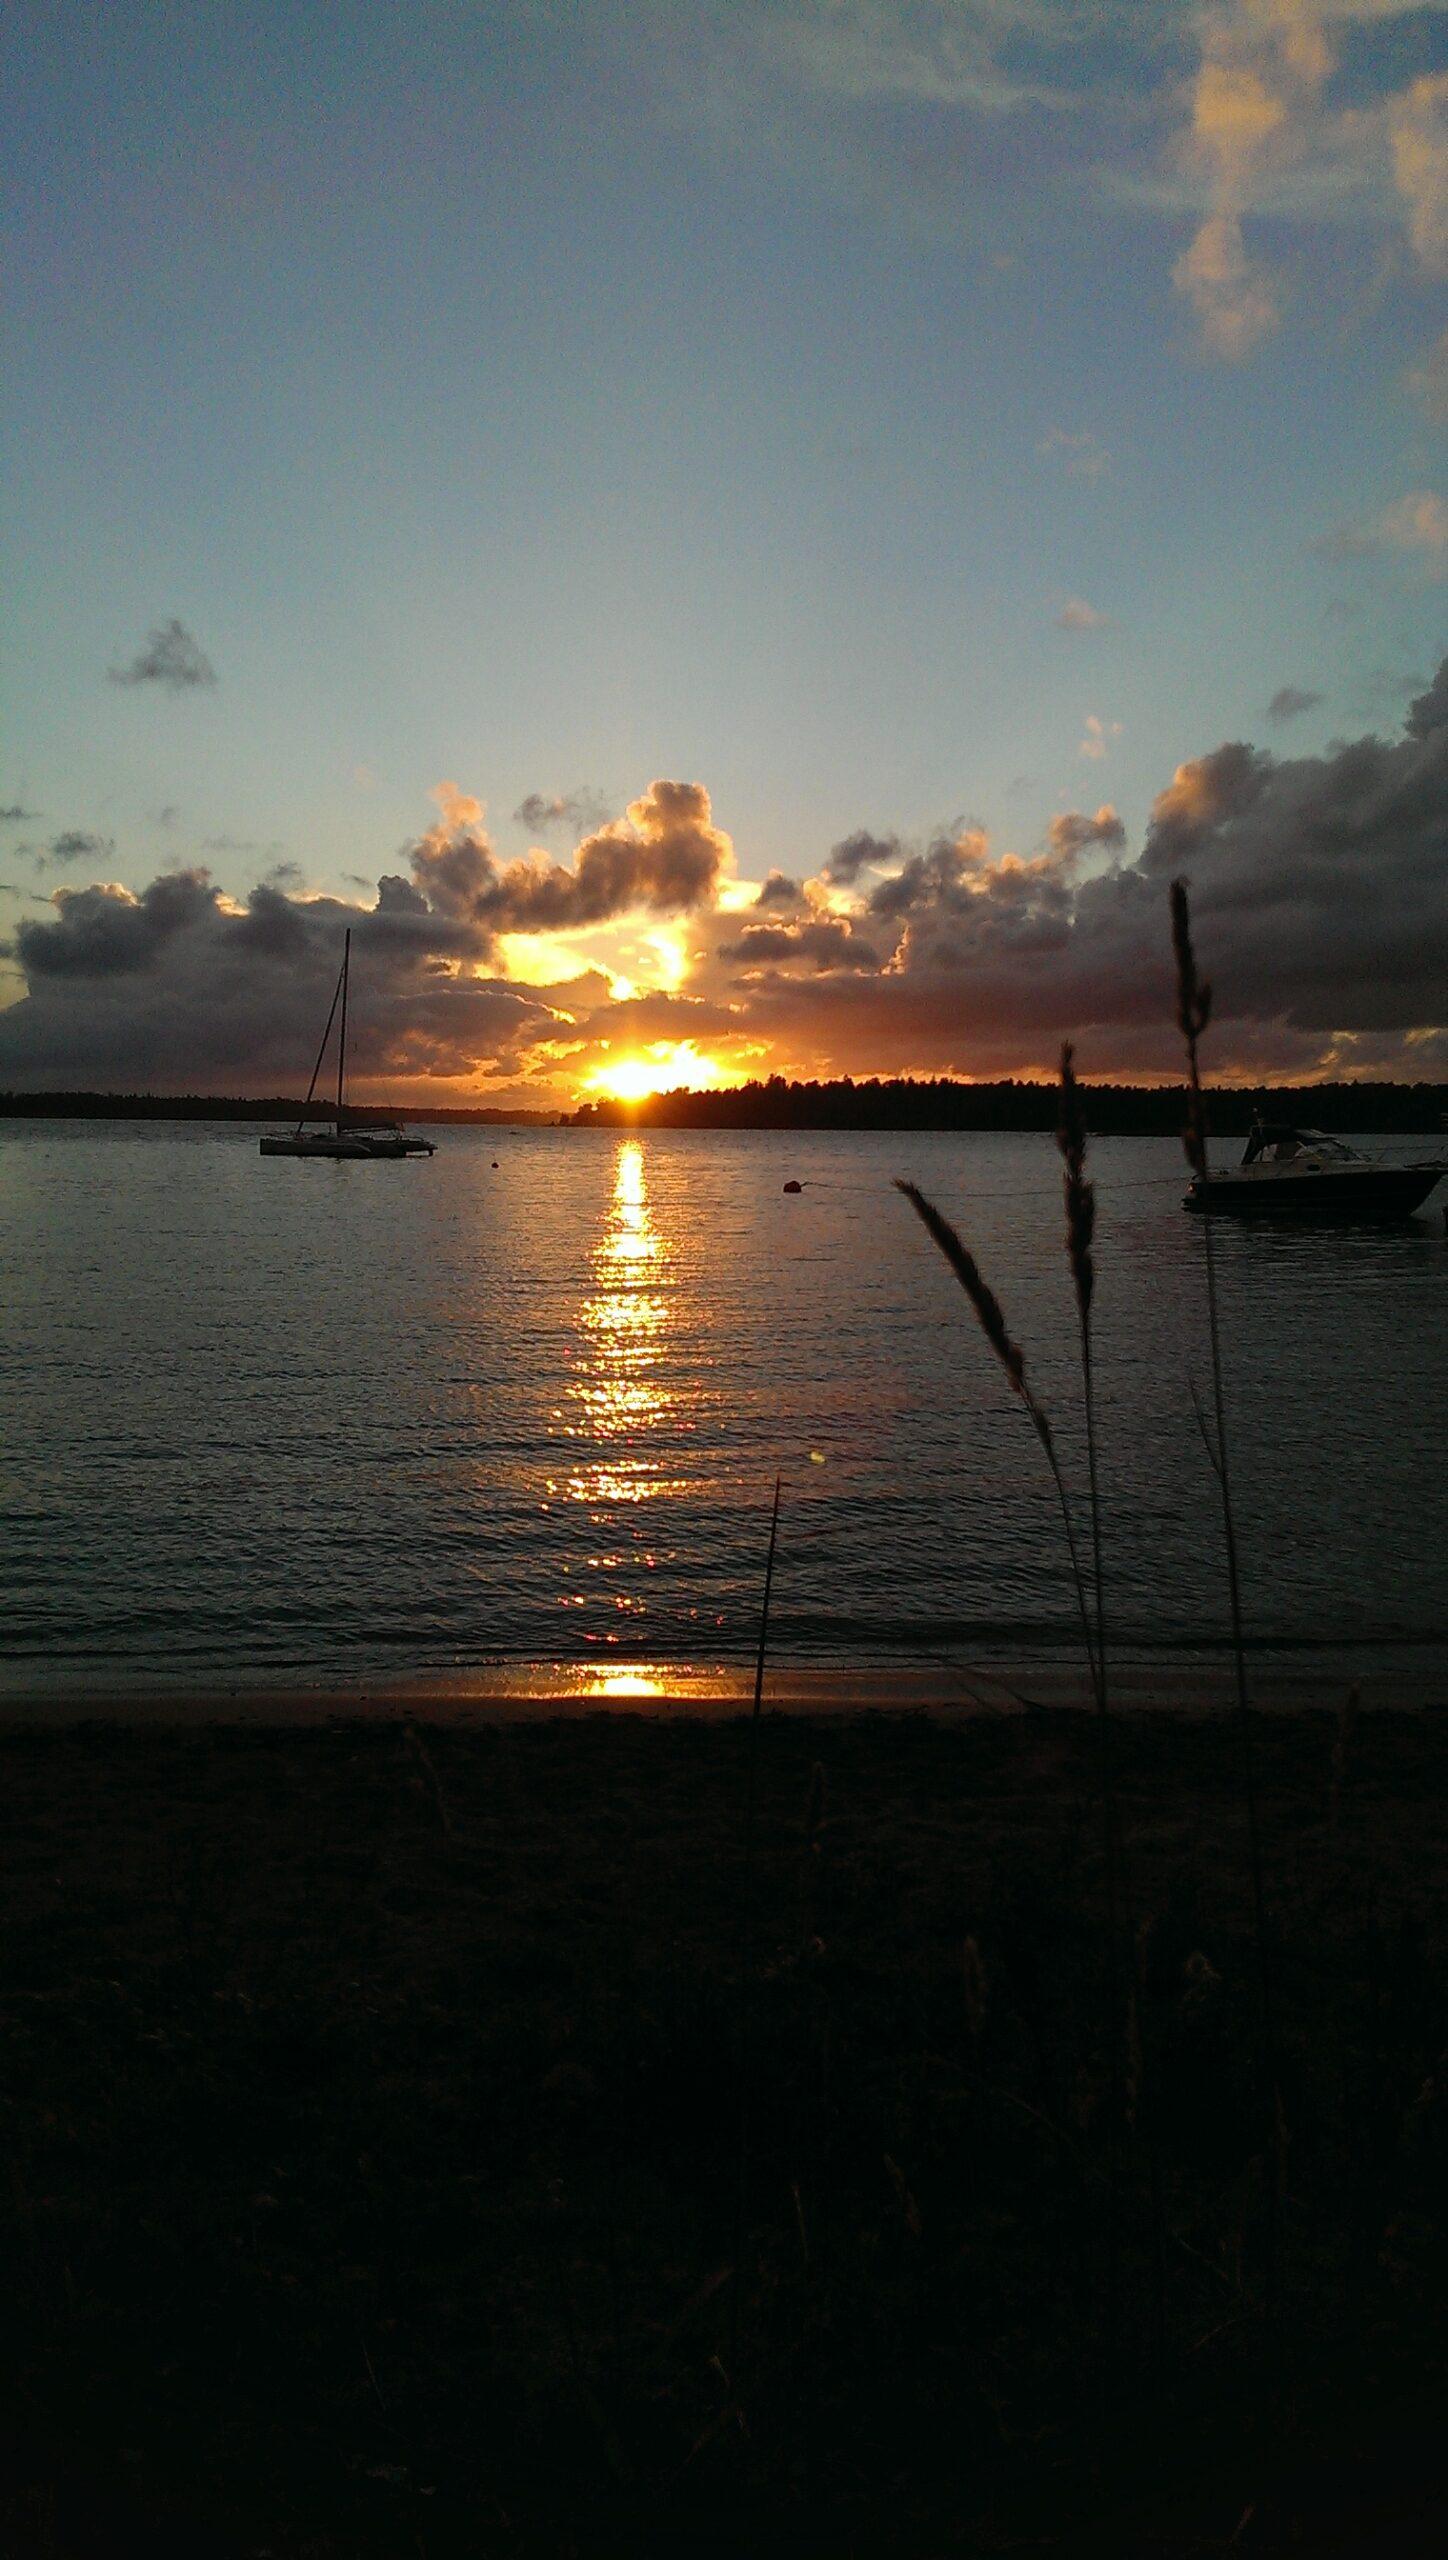 Länk i en blåsig solnedgång